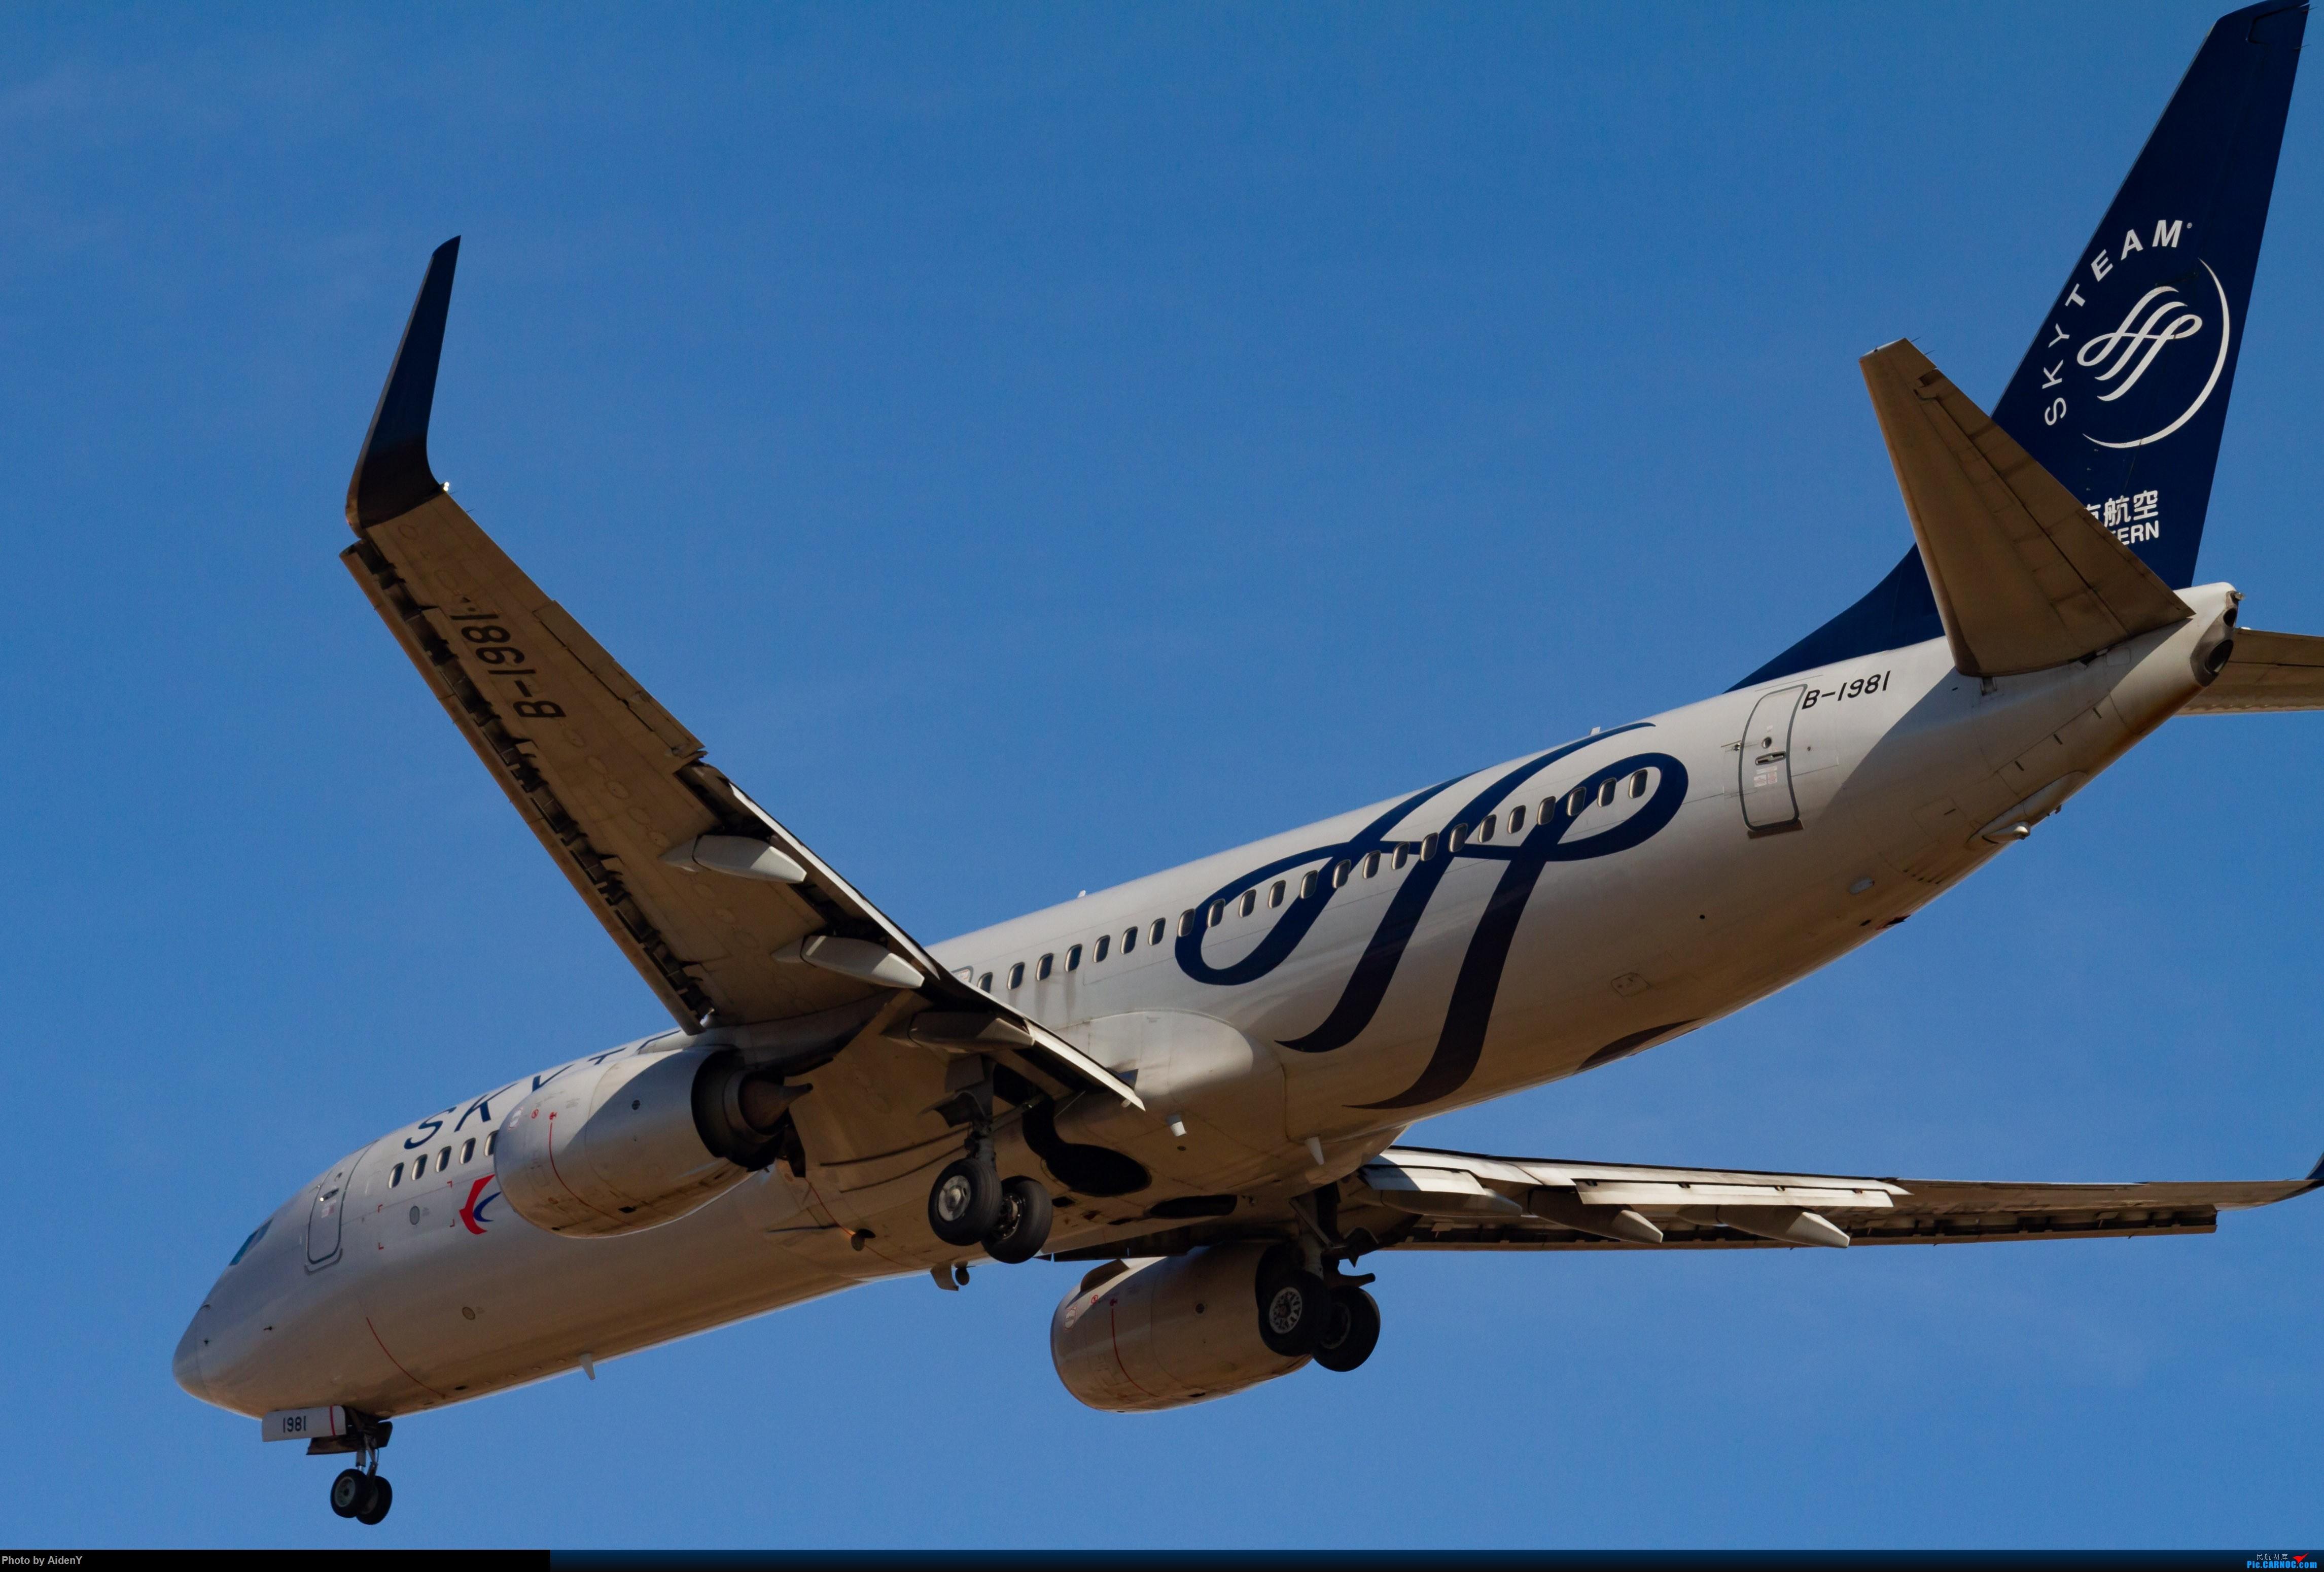 Re:[原创]「1月21日」首都蓝天——还是有的 BOEING 737-800 B-1981 中国北京首都国际机场